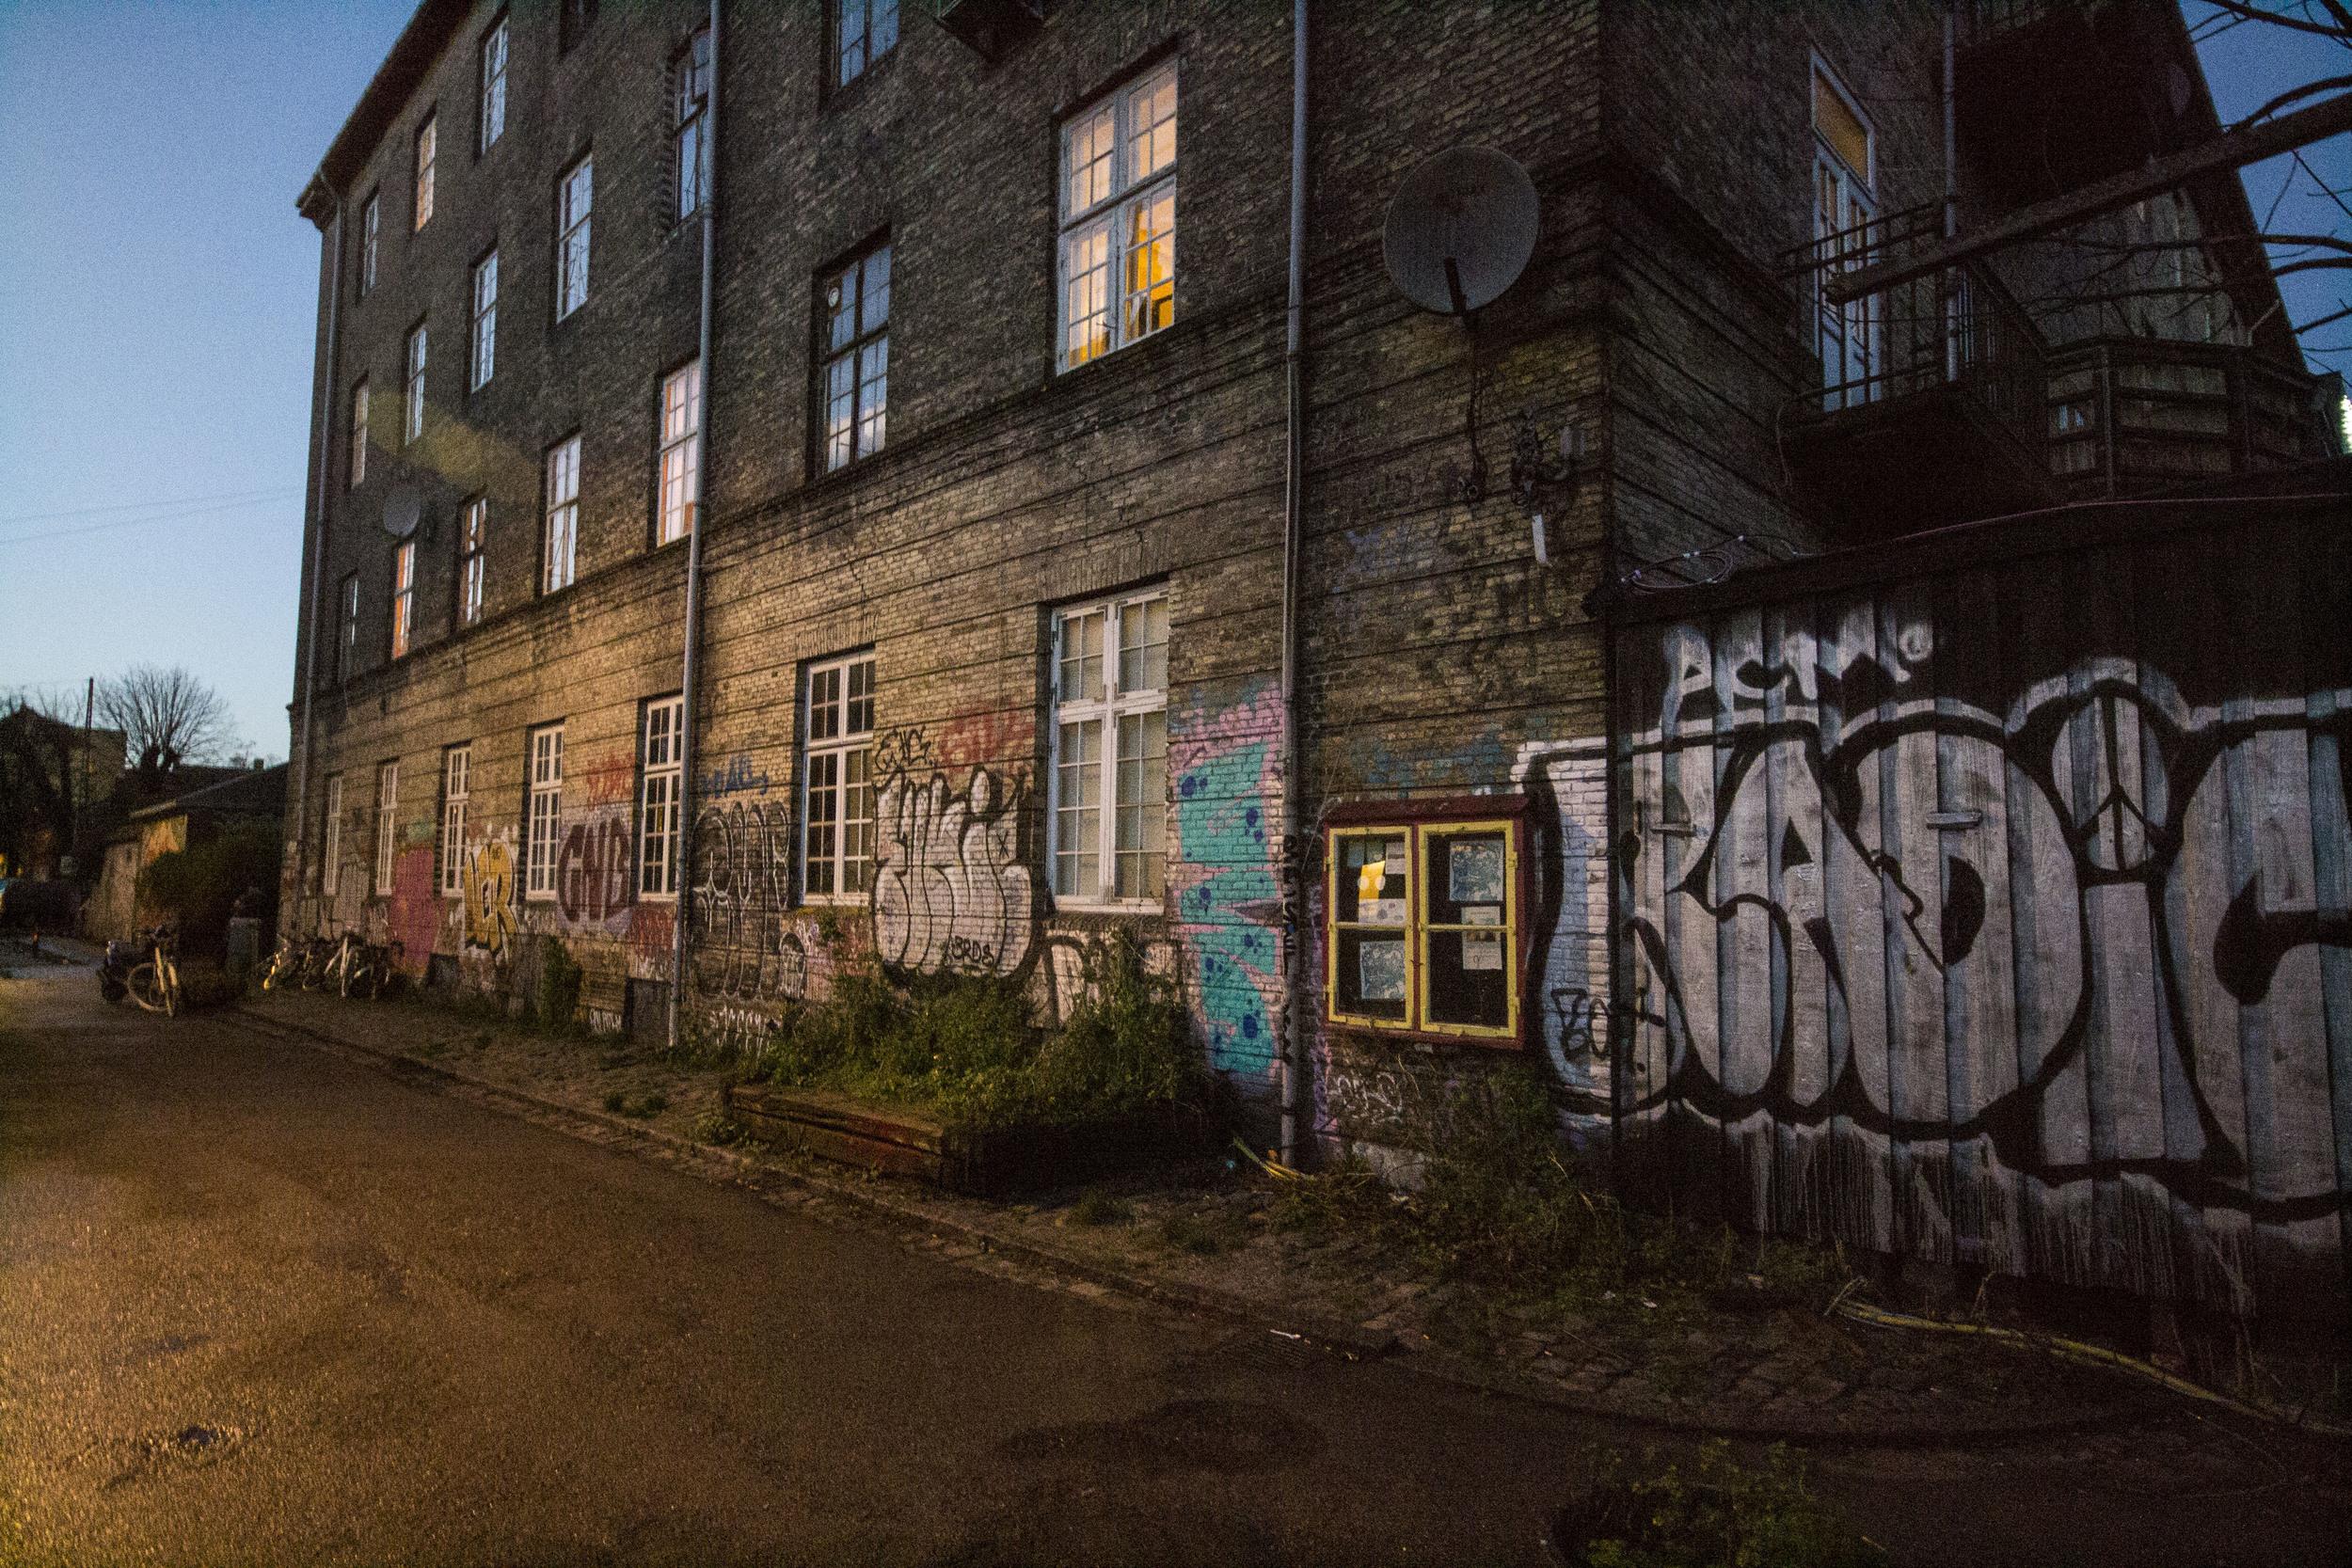 Copenhagen_151127_0025.JPG